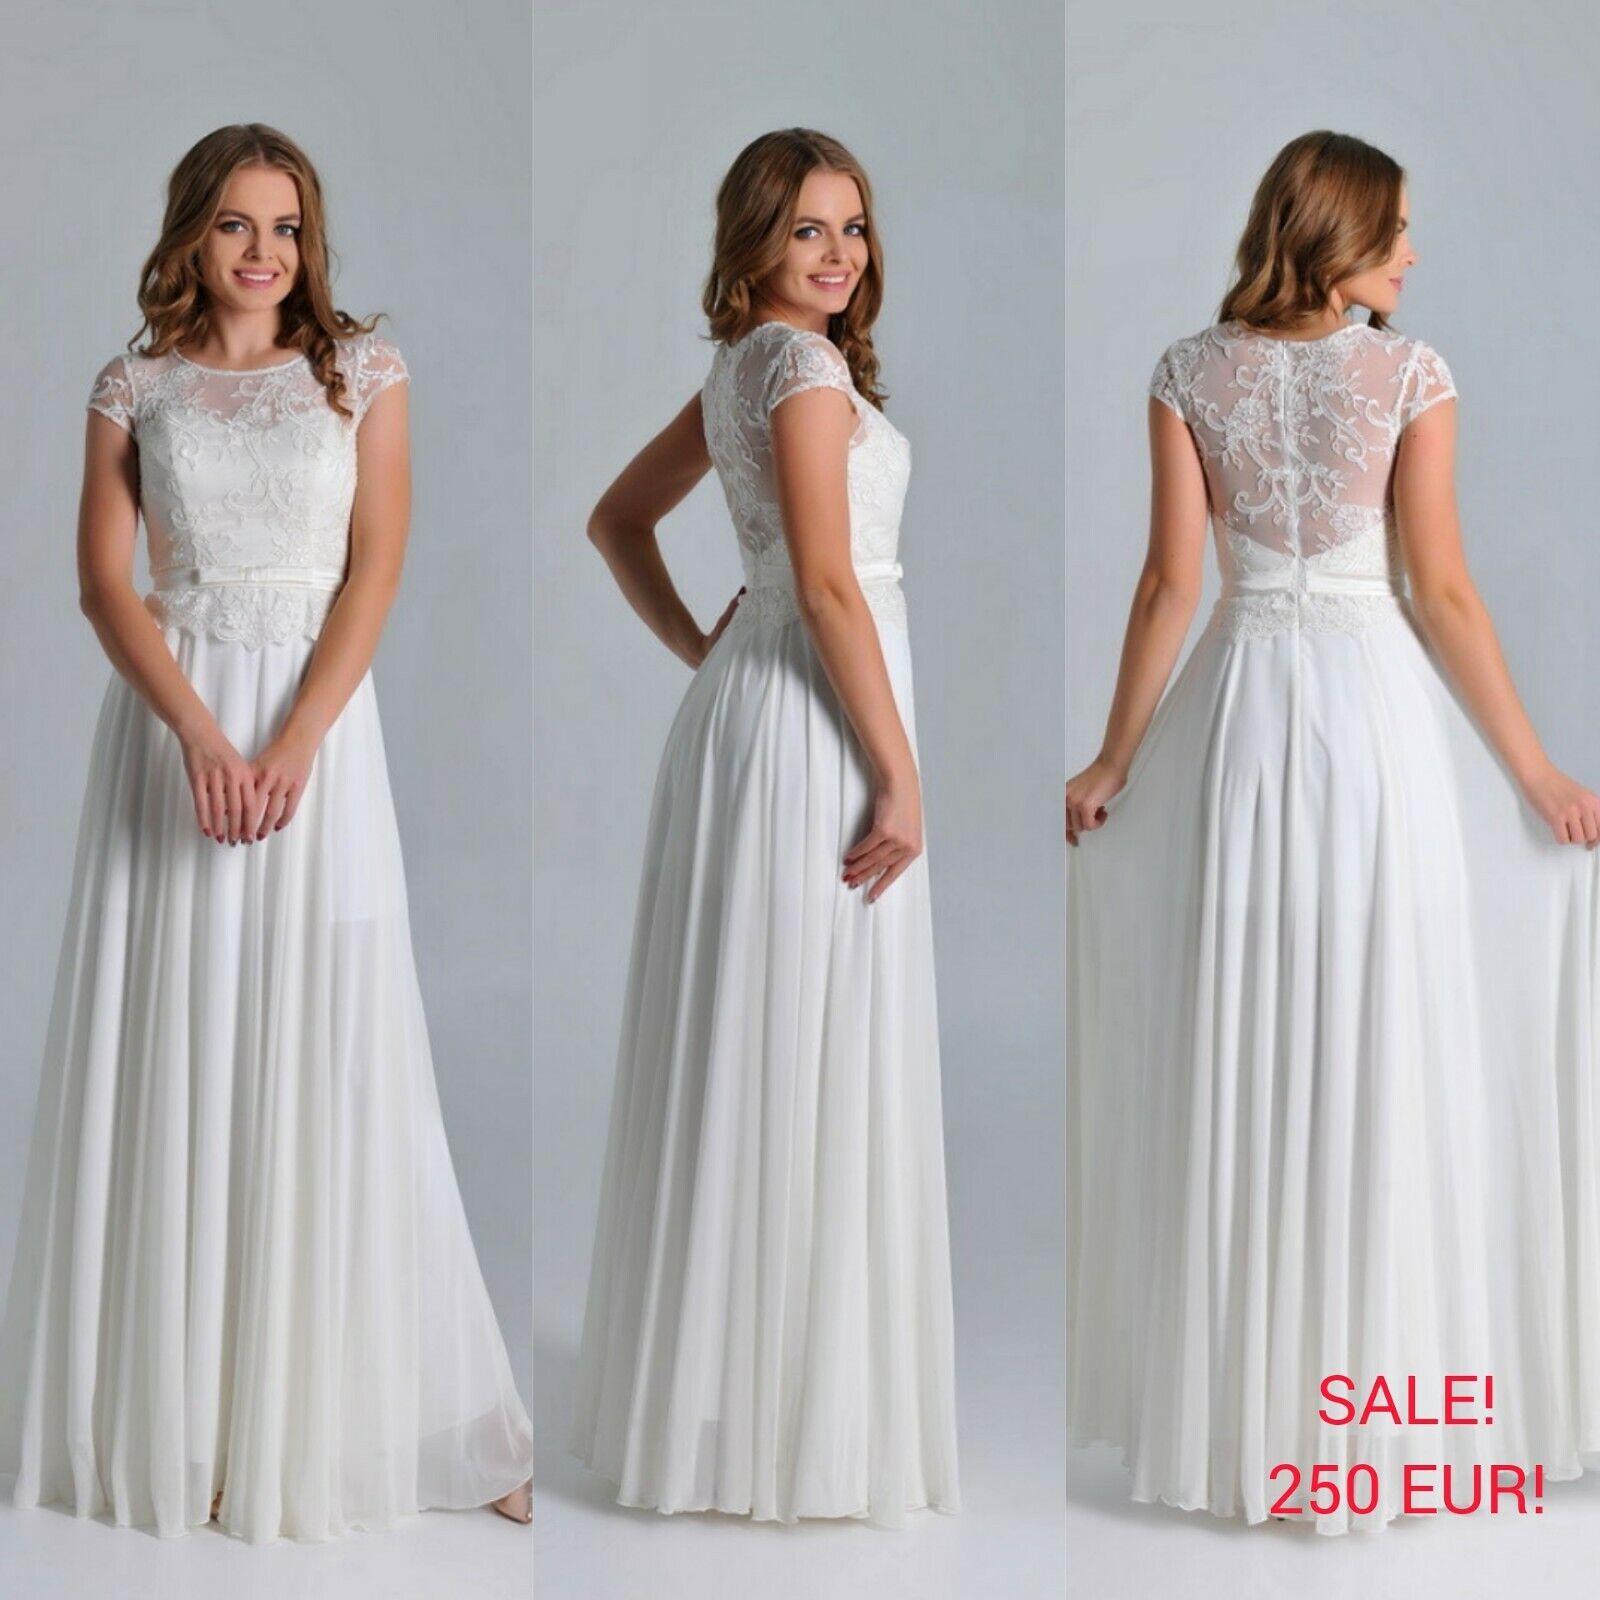 Spitze Brautkleid Hochzeitskleid Kleid Braut Neu! Gr.34-36-38